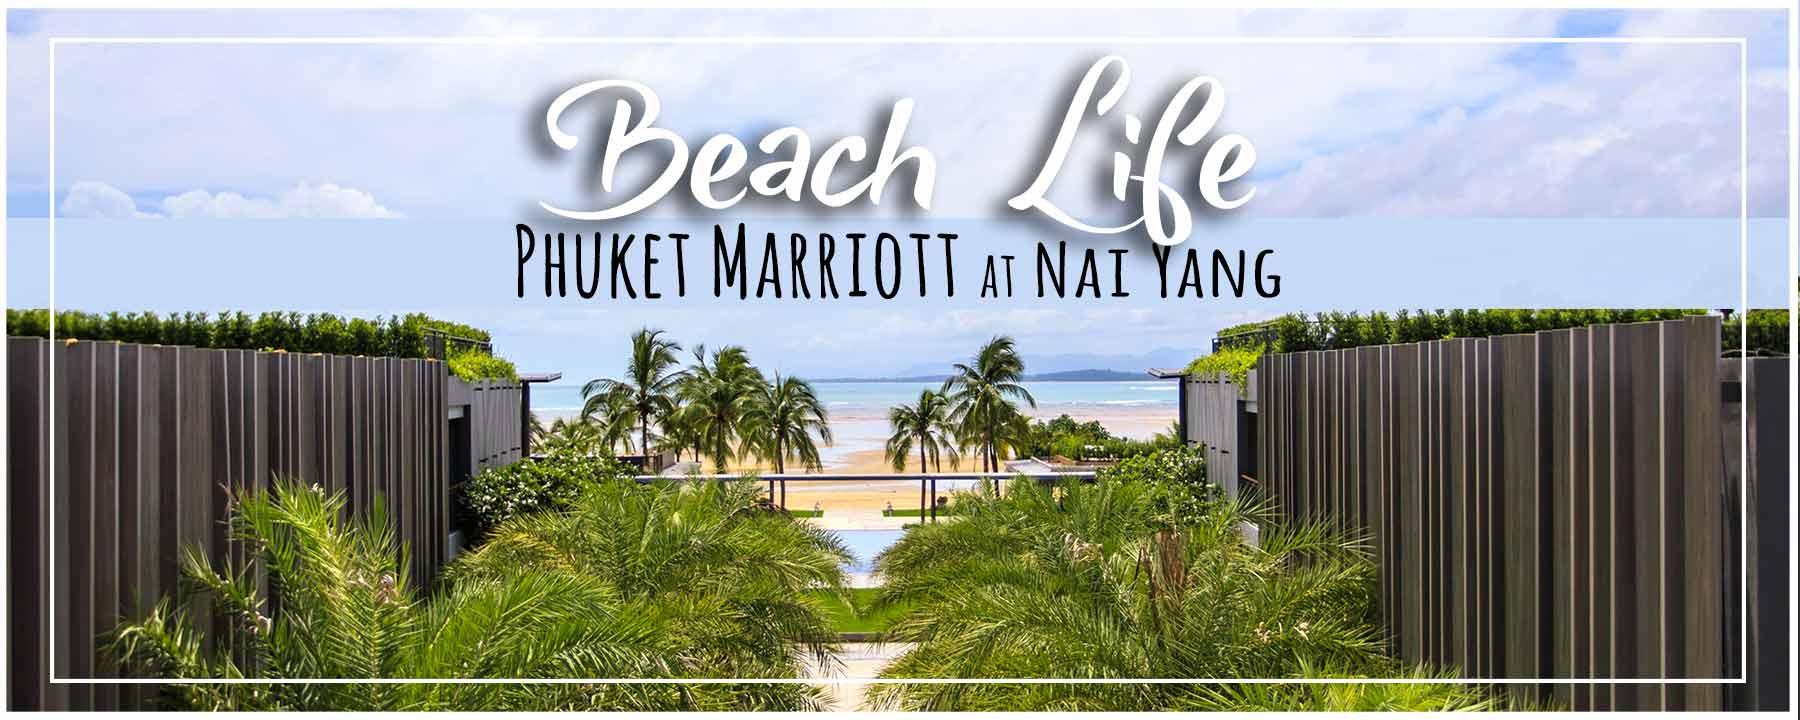 Phuket Marriott Resort & Spa Nai Yang Beach | Hotel Video Tour